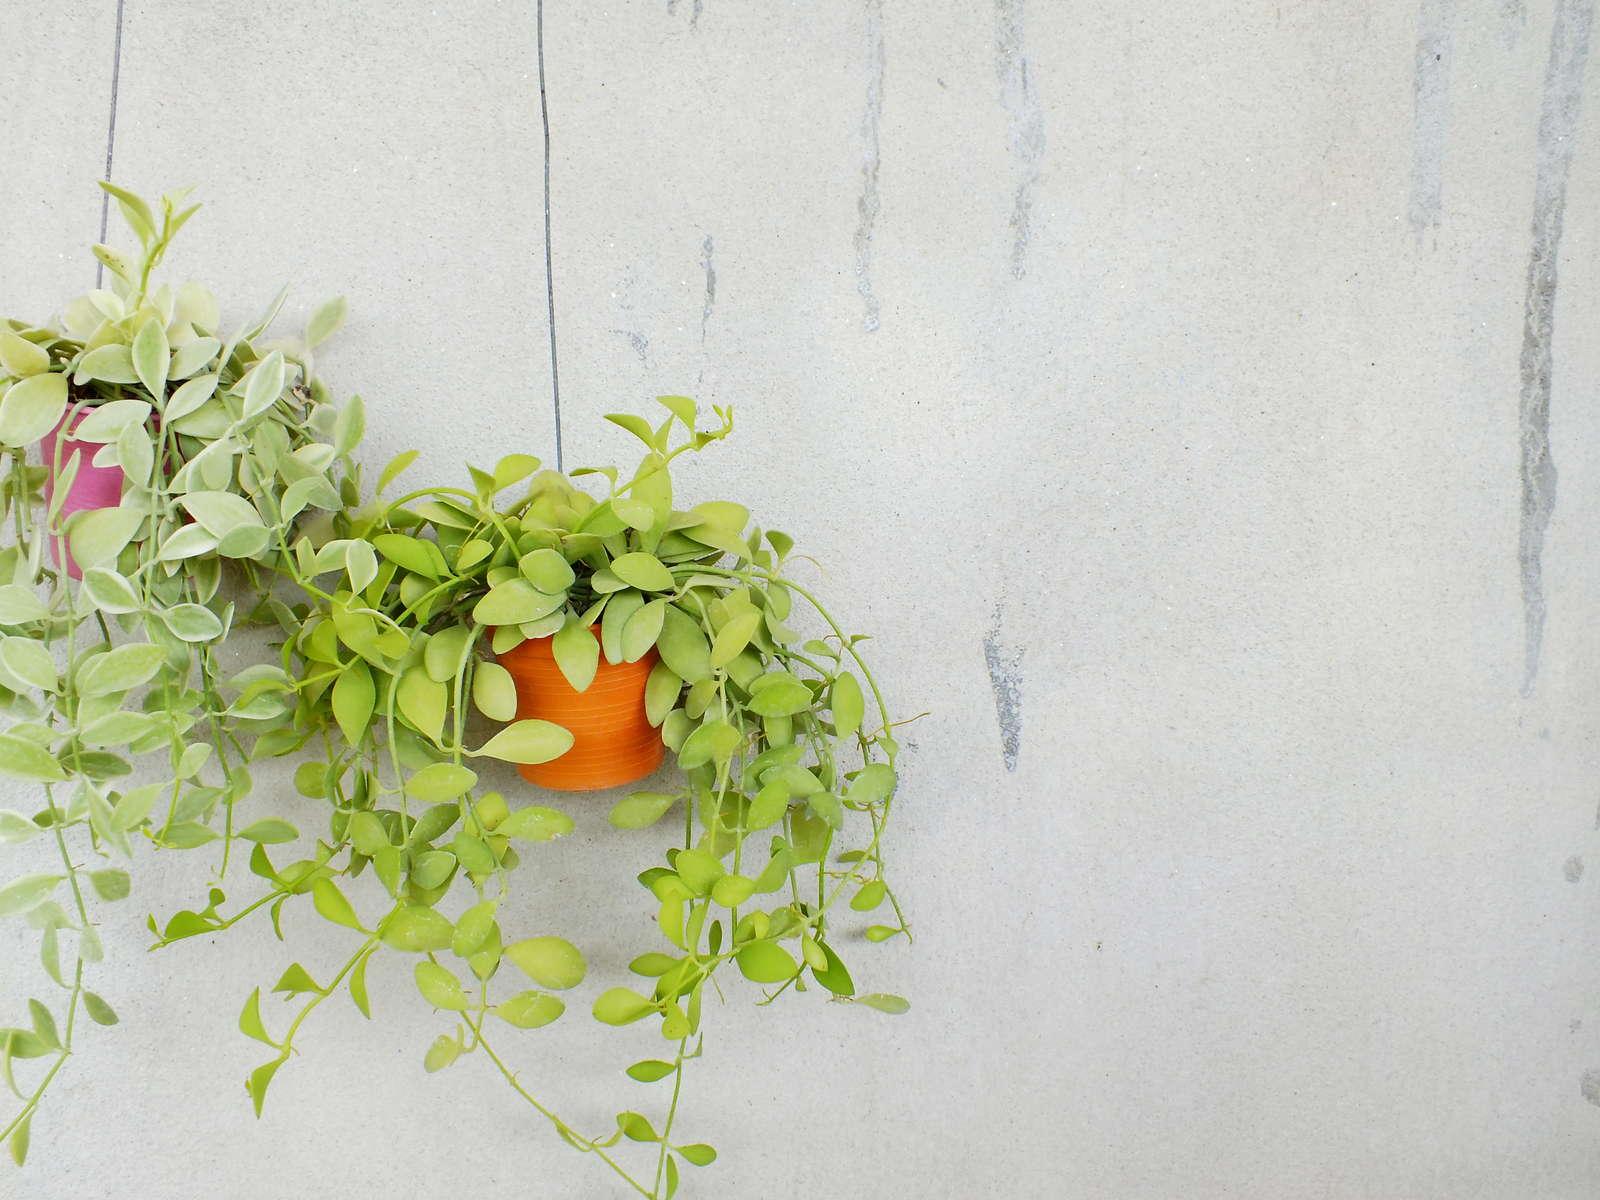 Hängepflanzen 10 Schwer Zu Tötende Hängepflanzen Fürs Zimmer Plantura